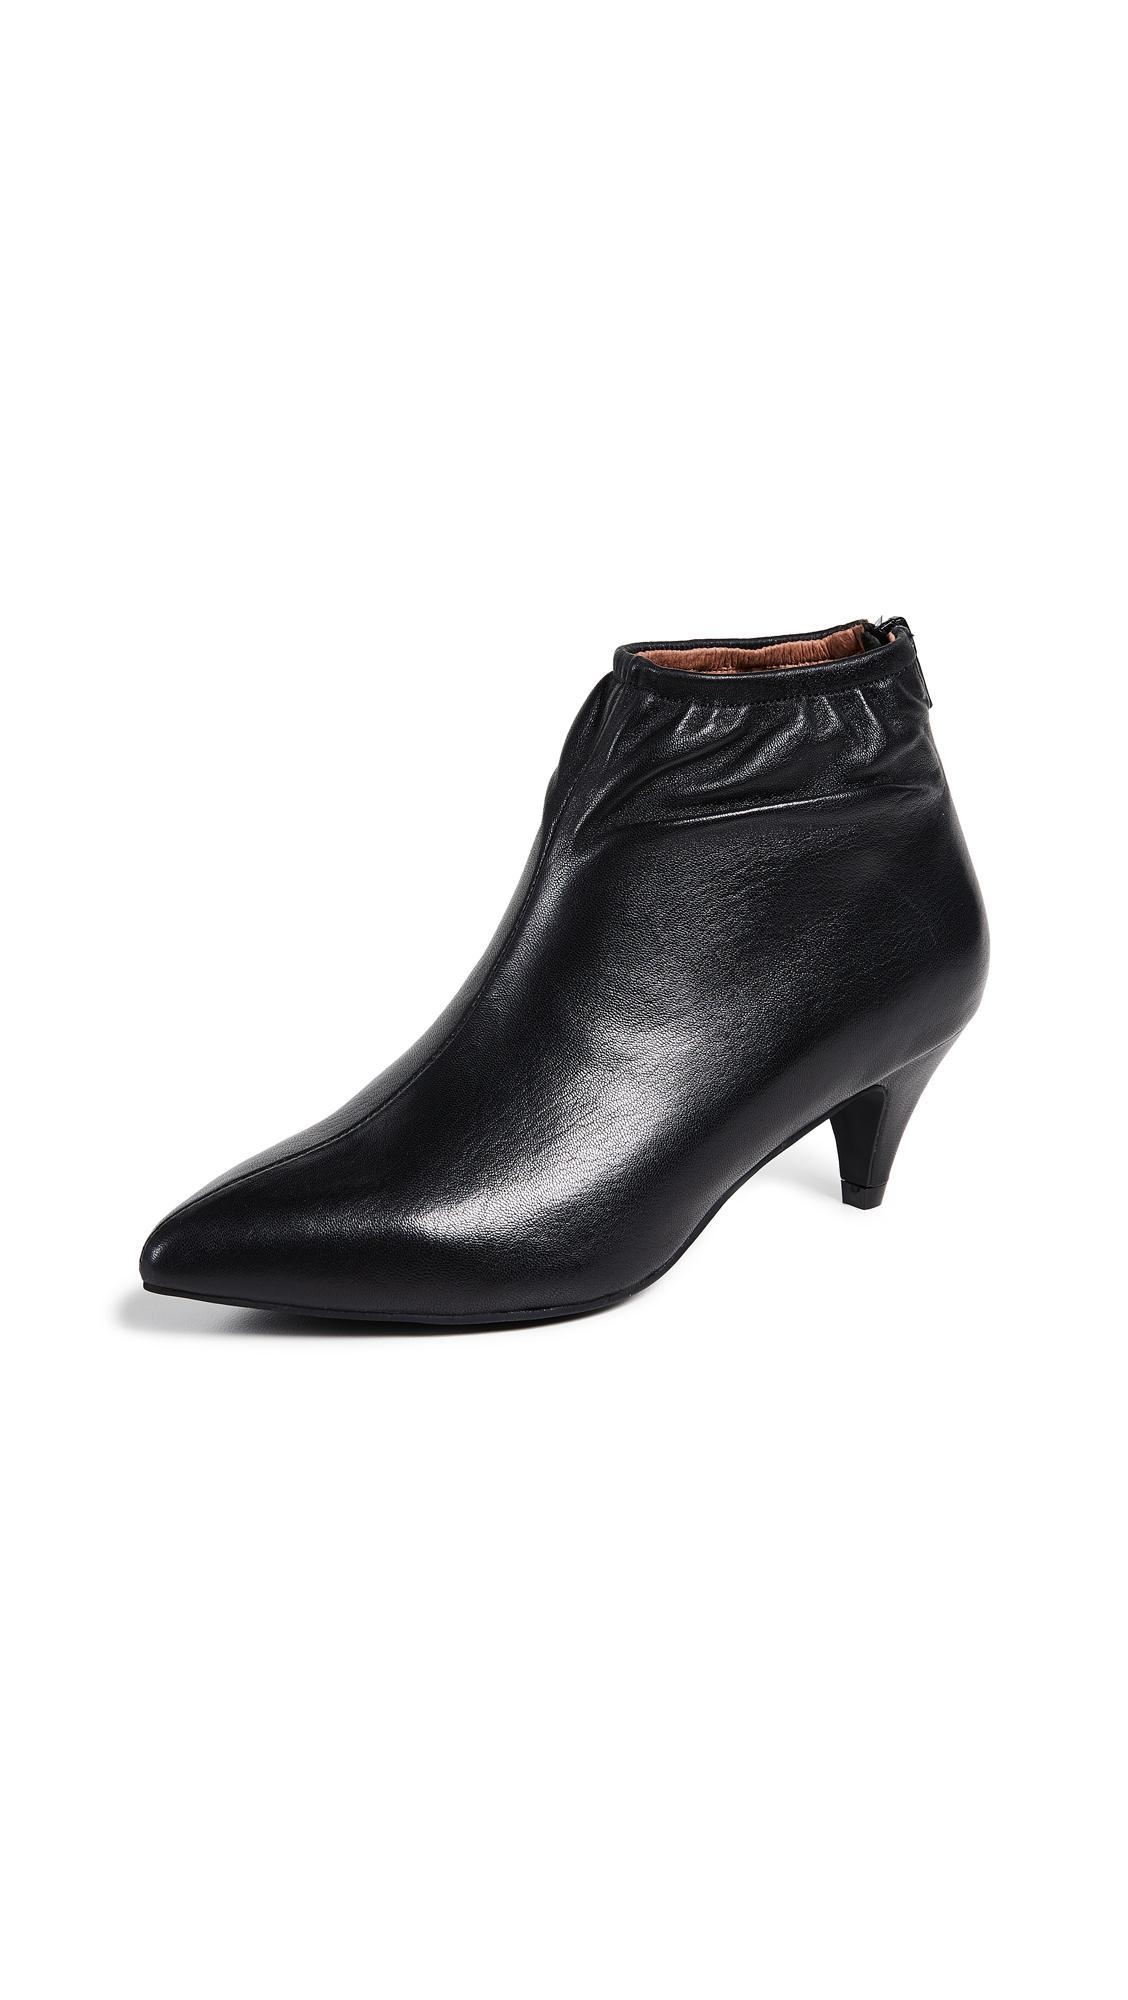 1966e4b0559 Jeffrey Campbell Zosia Low Heel Booties In Black